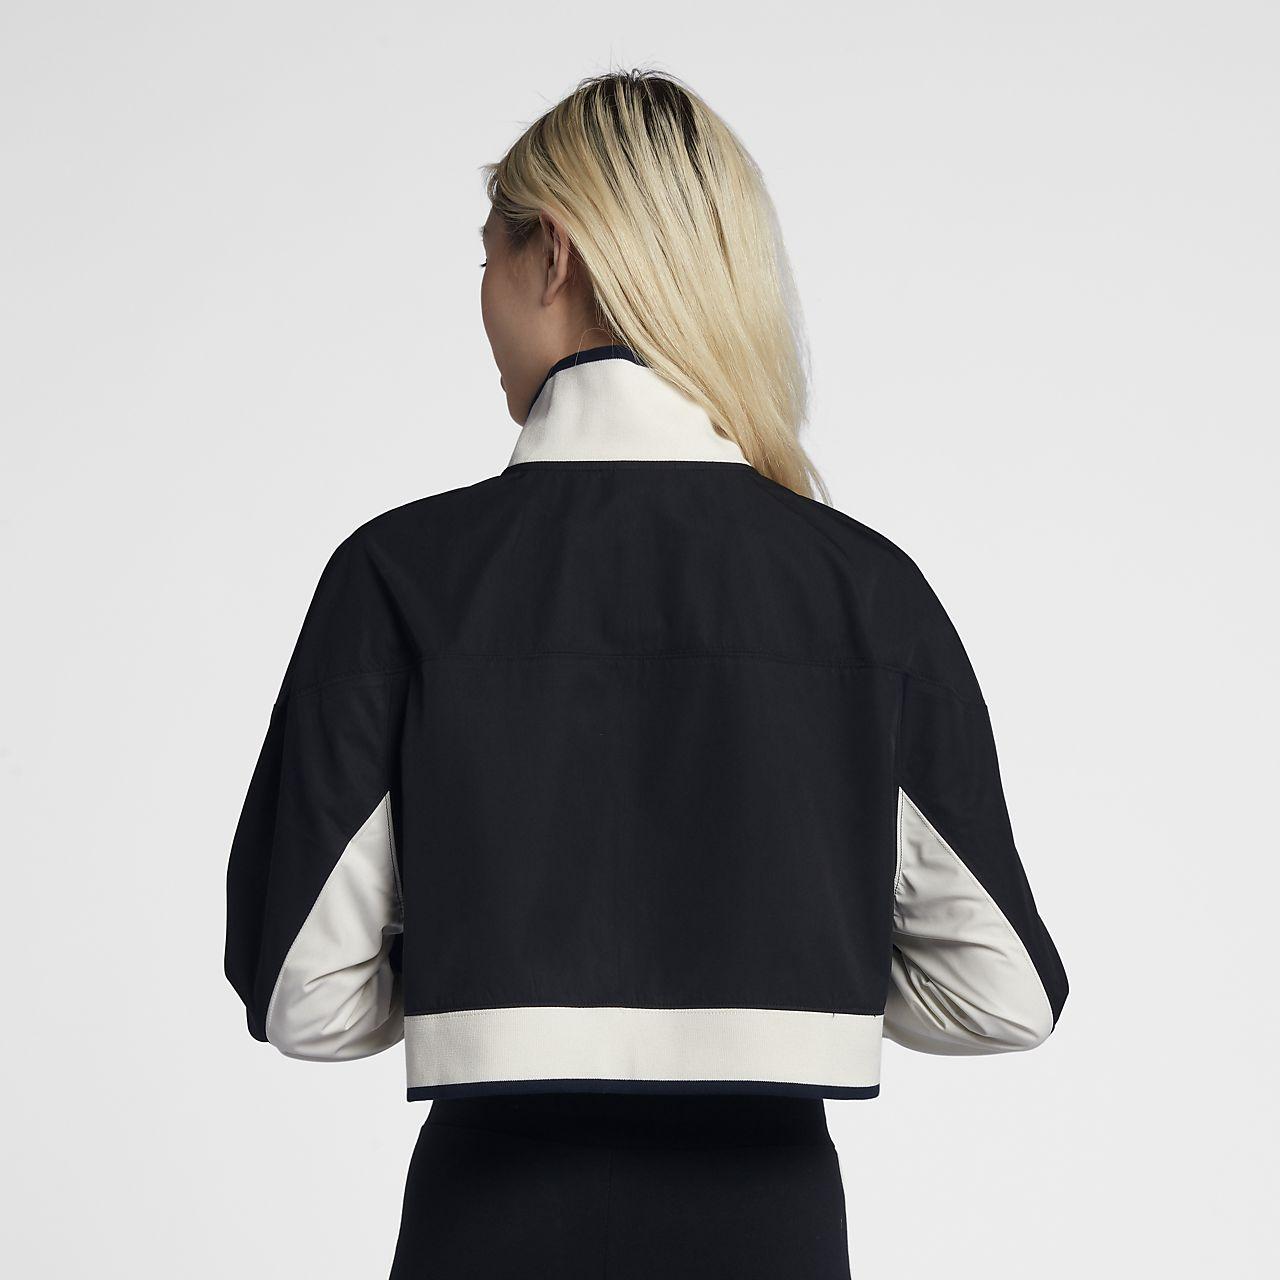 Women's Vest - Nike Woven 2-in-1 - Black/Black/Black : D52g6538